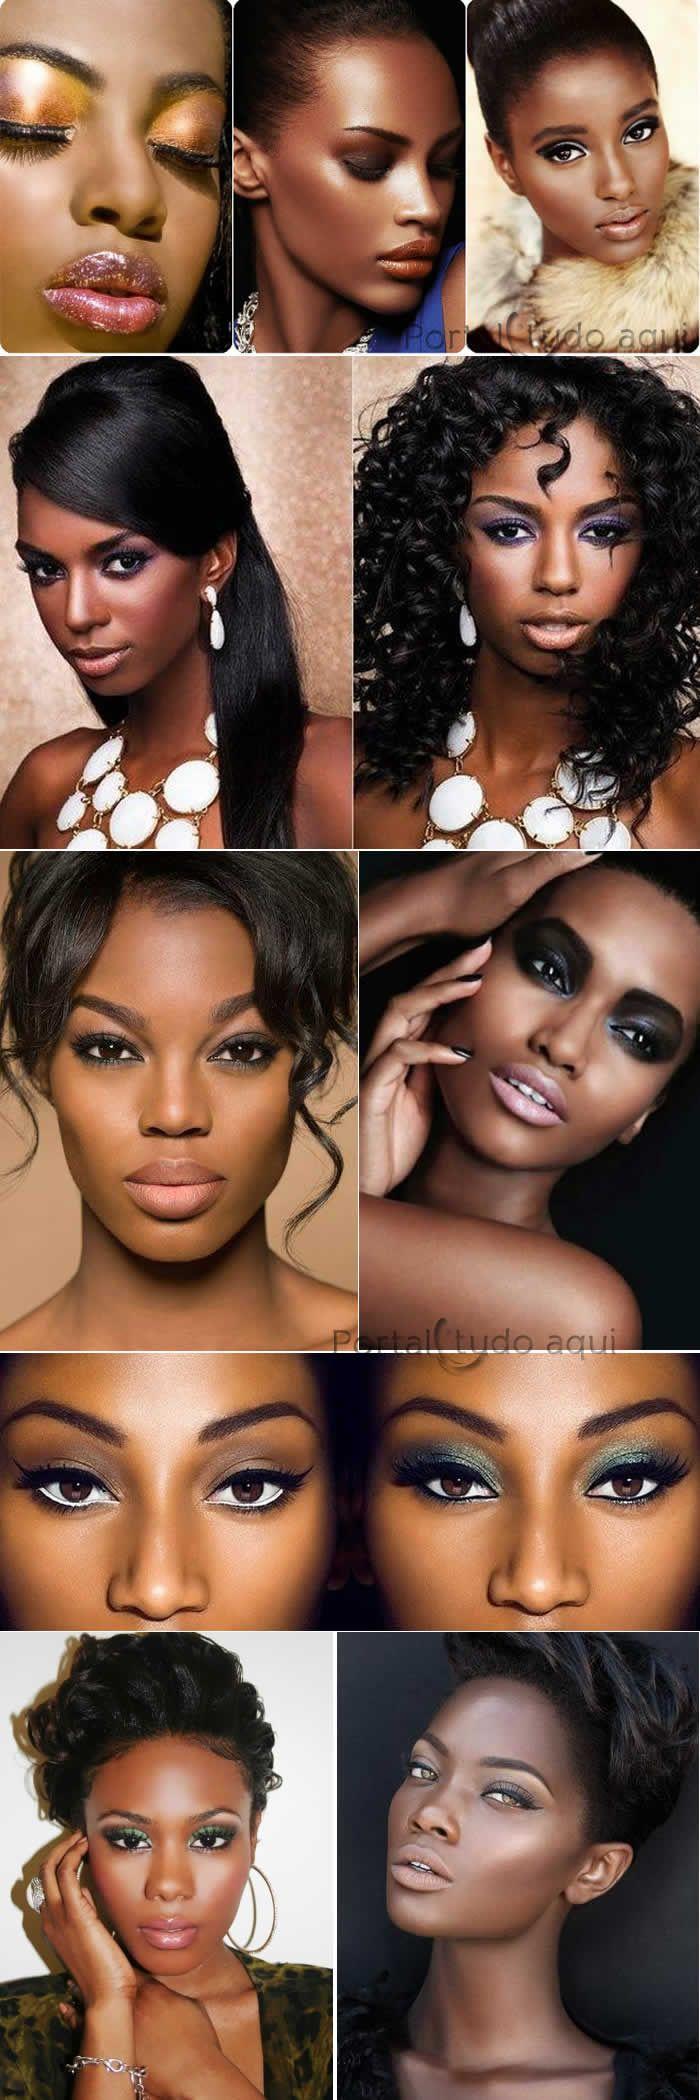 Veja nesta matérias as top 8 perguntas e respostas de dúvidas frequentes sobre maquiagem para pele negra e veja as dicas para uma maquiagem perfeita para festa!